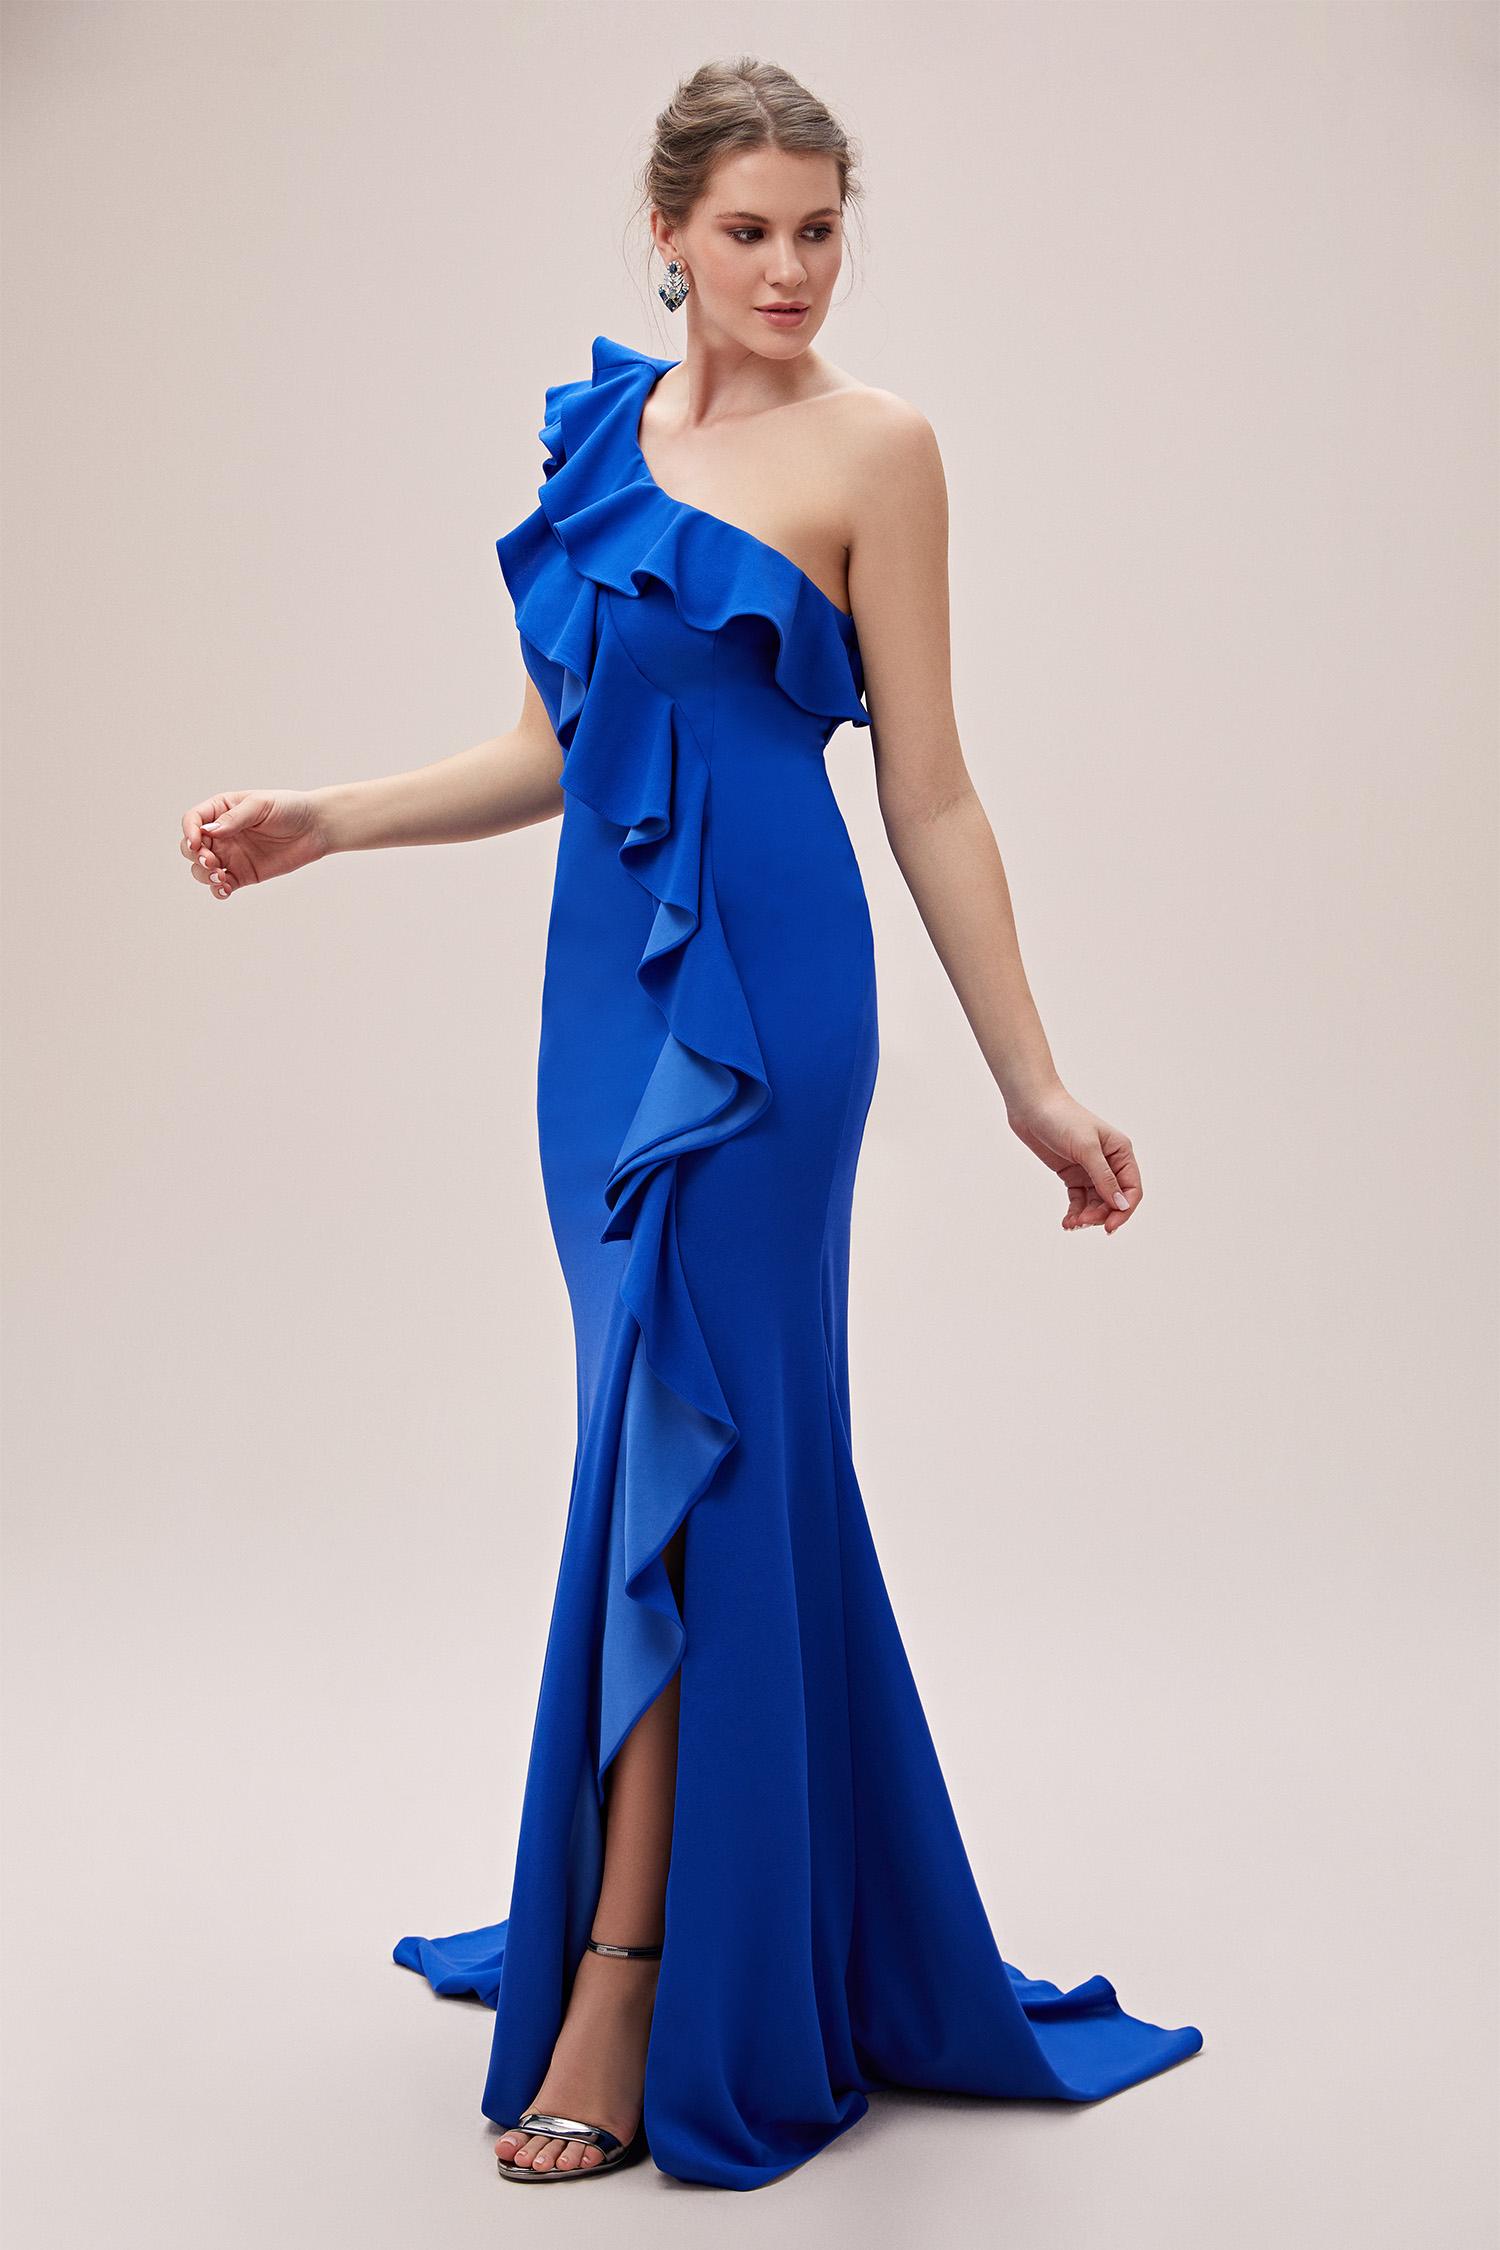 Saks Mavisi Tek Kollu Fırfırlı Uzun Büyük Beden Gece Elbisesi - Thumbnail